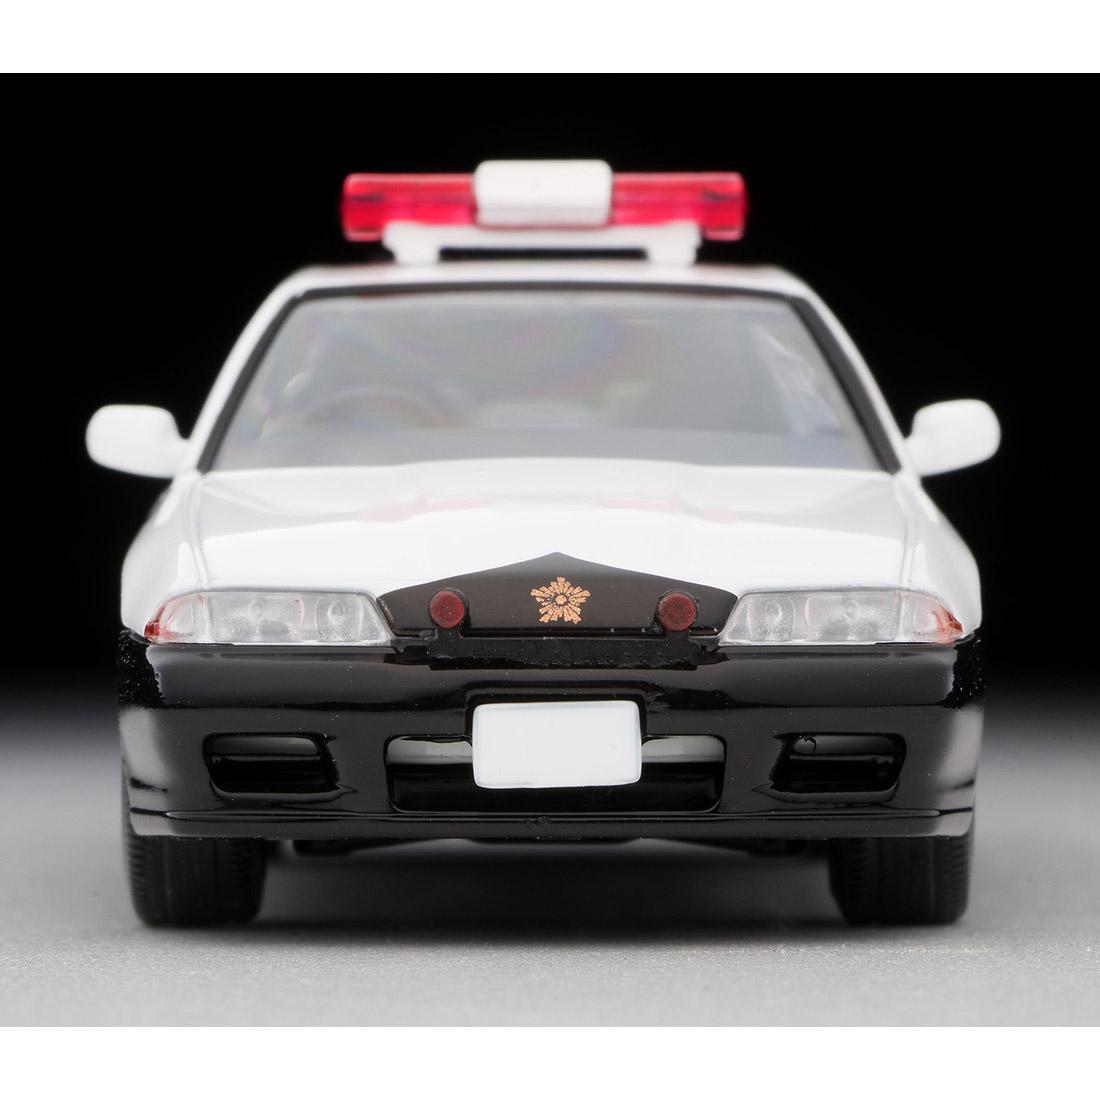 トミカリミテッド ヴィンテージ ネオ TLV-NEO『LV-N212a スカイラインパトロールカー』ミニカー-003